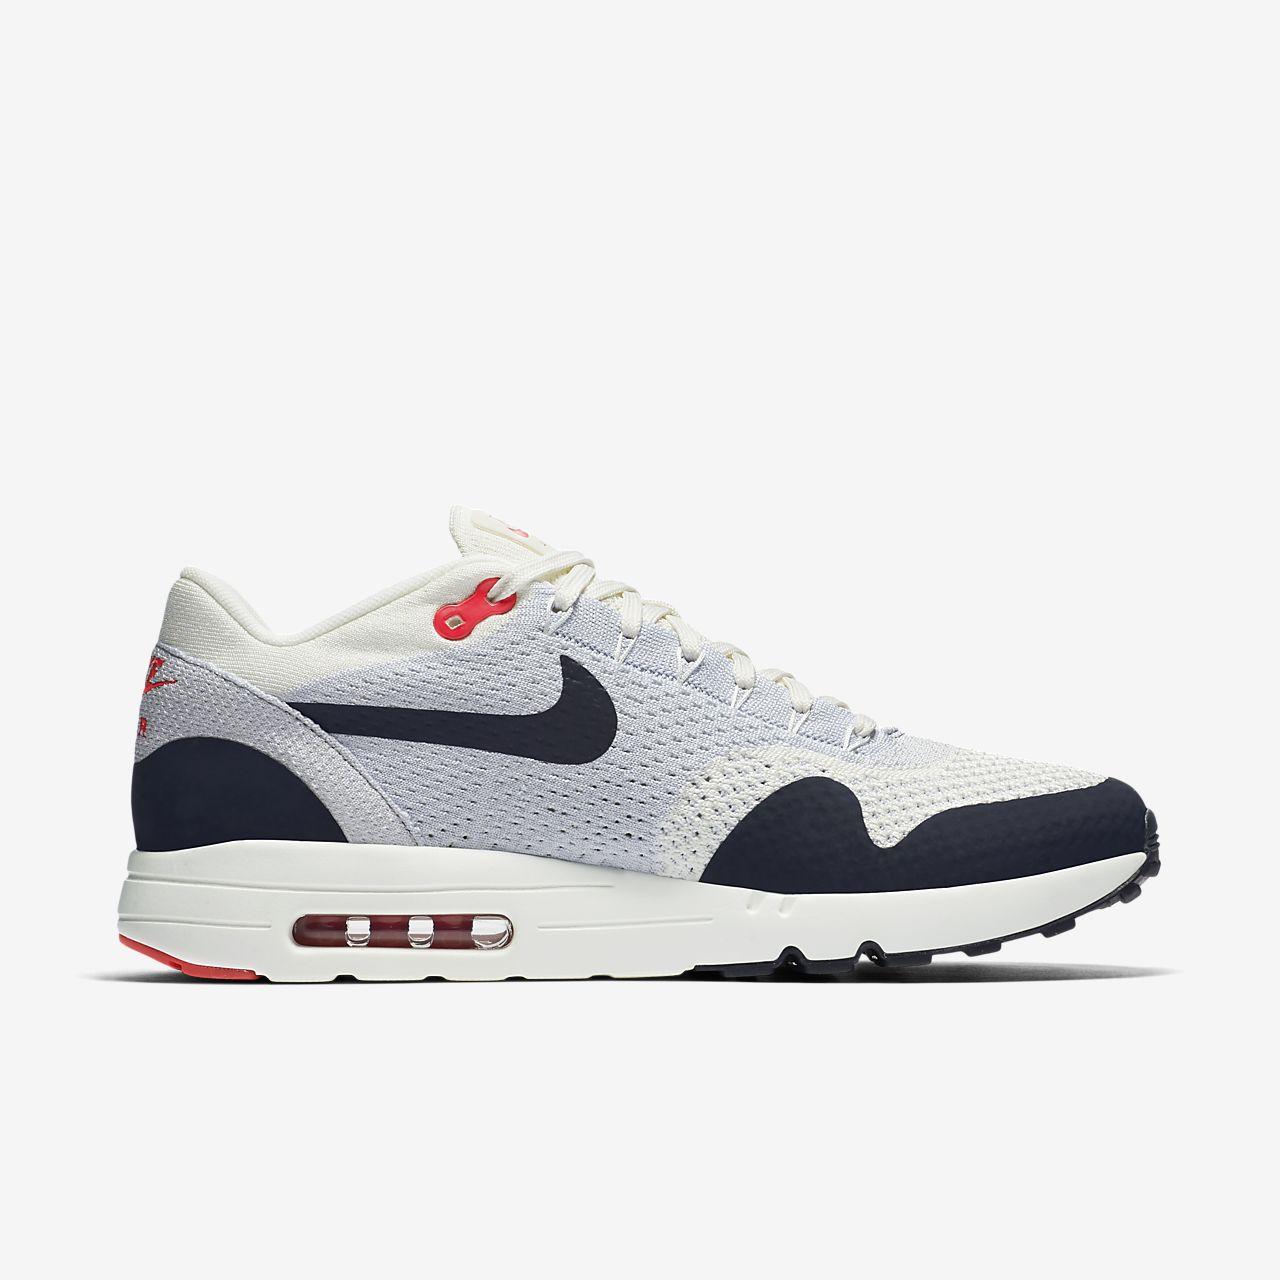 รองเท้าผู้ชาย Nike Air Max 1 Ultra 2.0 Flyknit